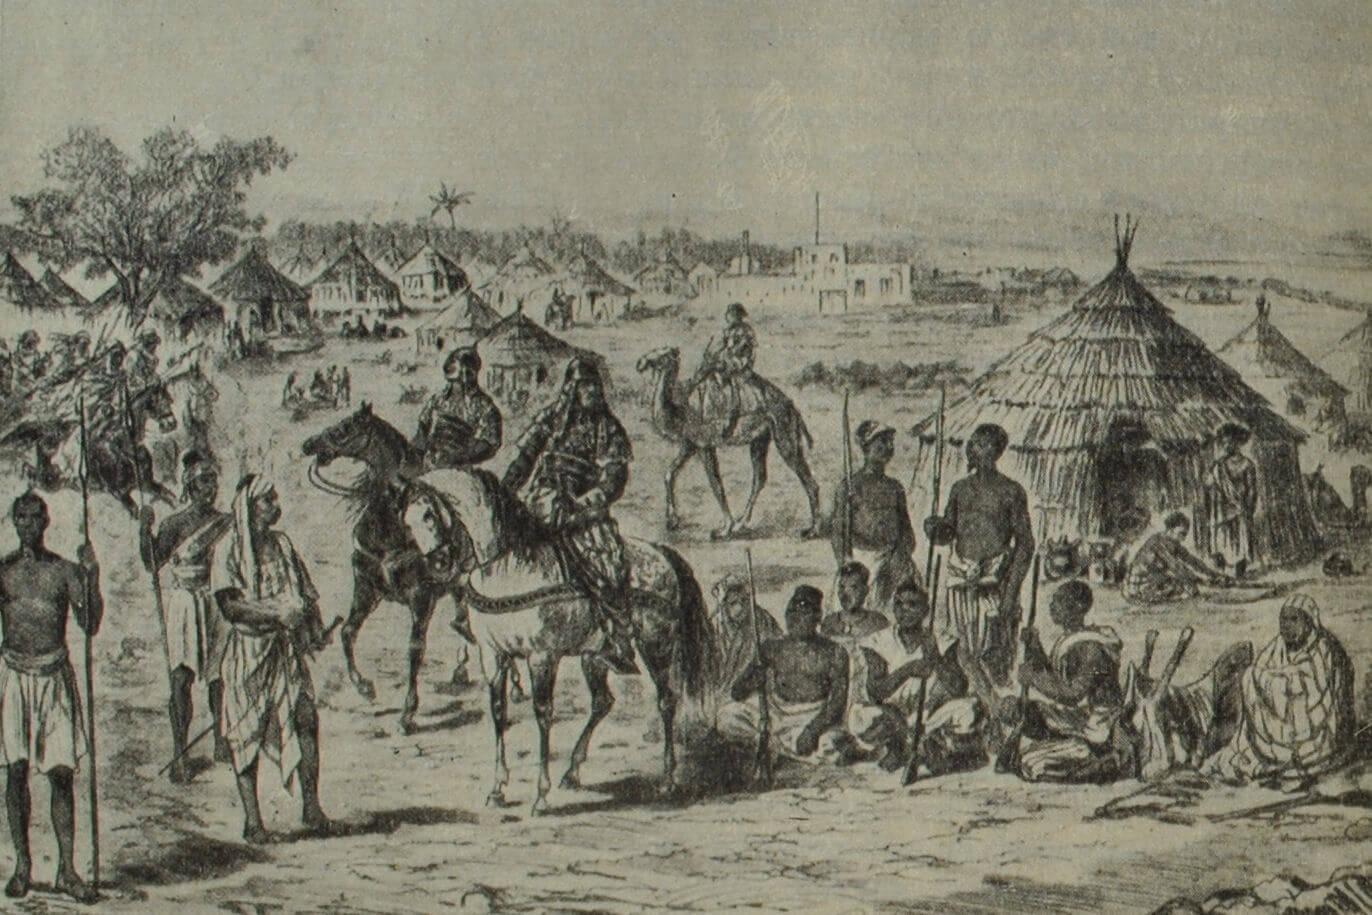 Лагерь Махди у Эль-Обейда. Гравюра. 1883 г.